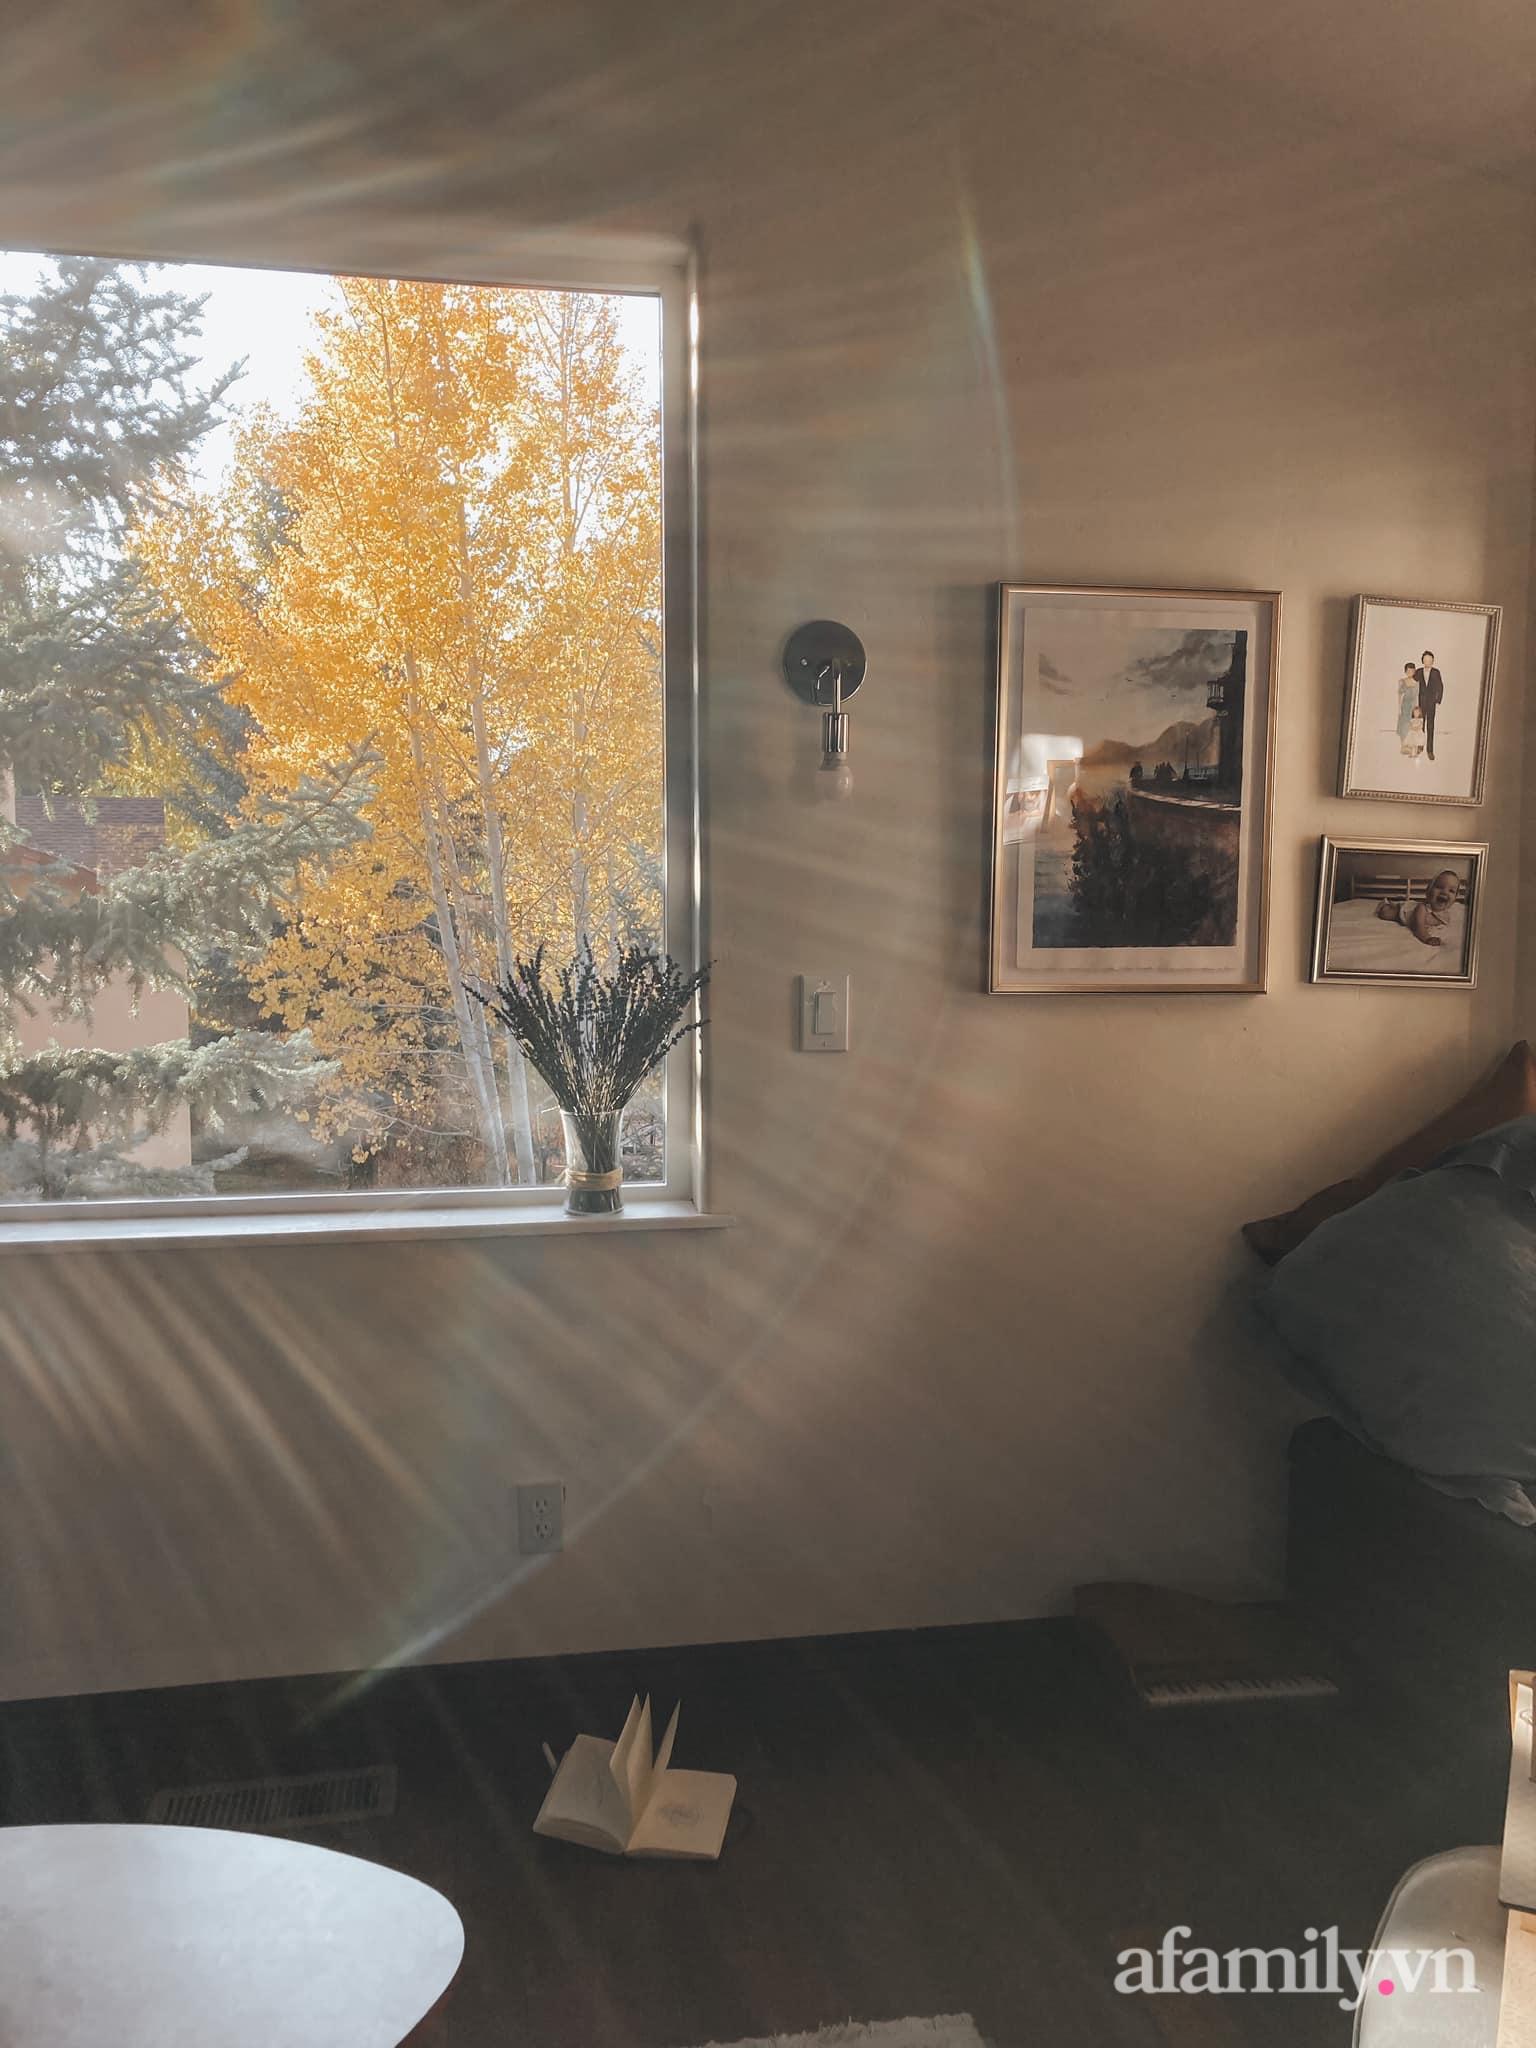 Căn nhà gói những bình yên đẹp như bài thơ với ánh nắng ngập tràn quanh năm của mẹ Việt ở Mỹ - Ảnh 14.